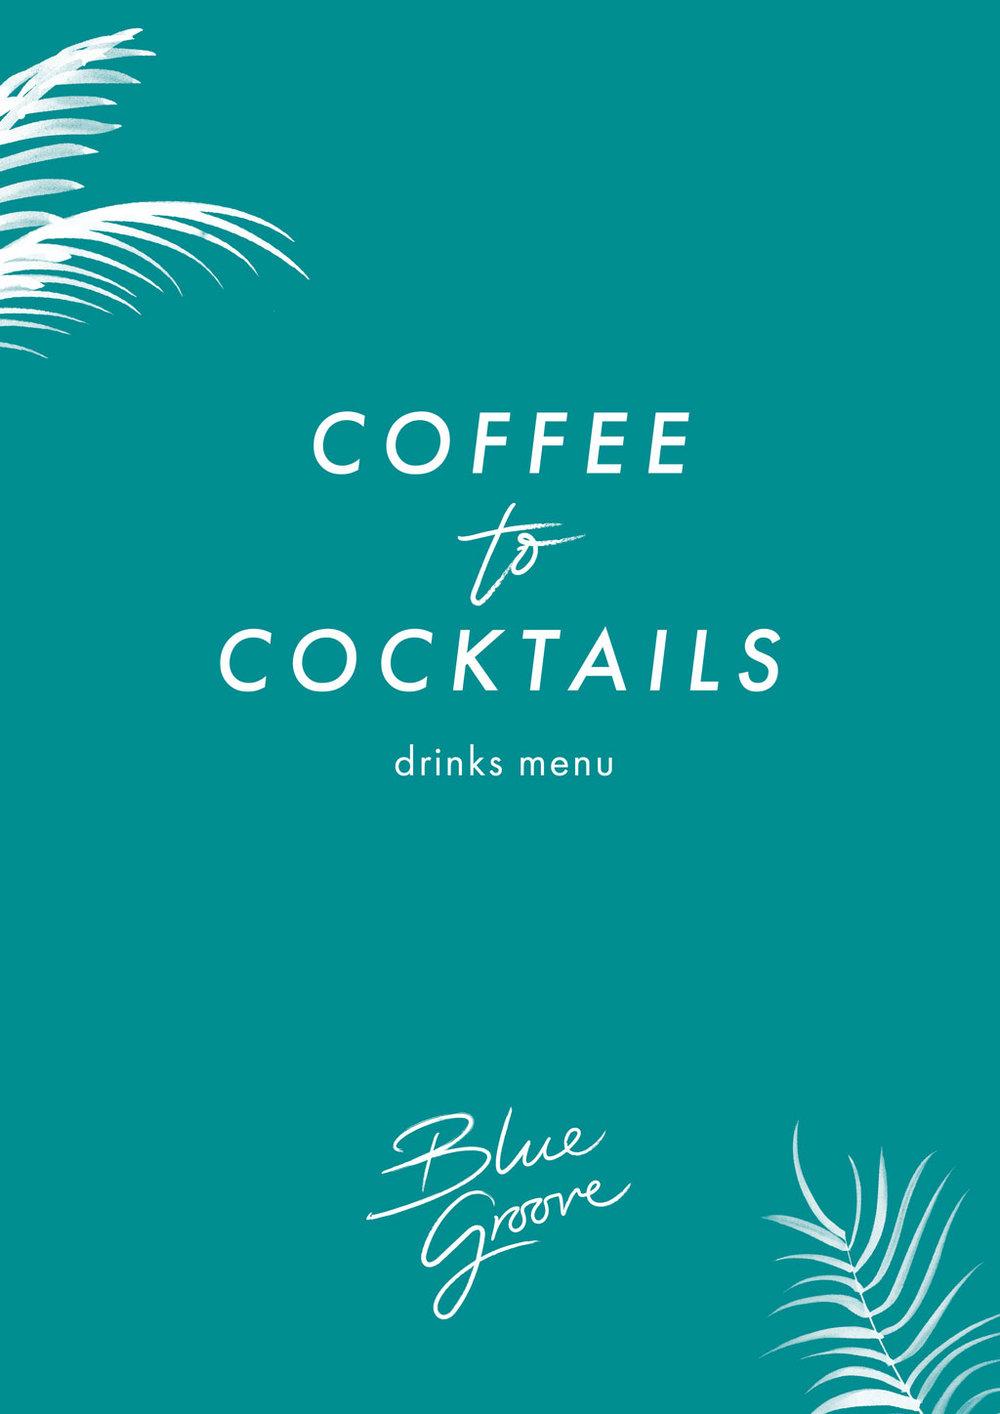 Blue Groove Drinks menu